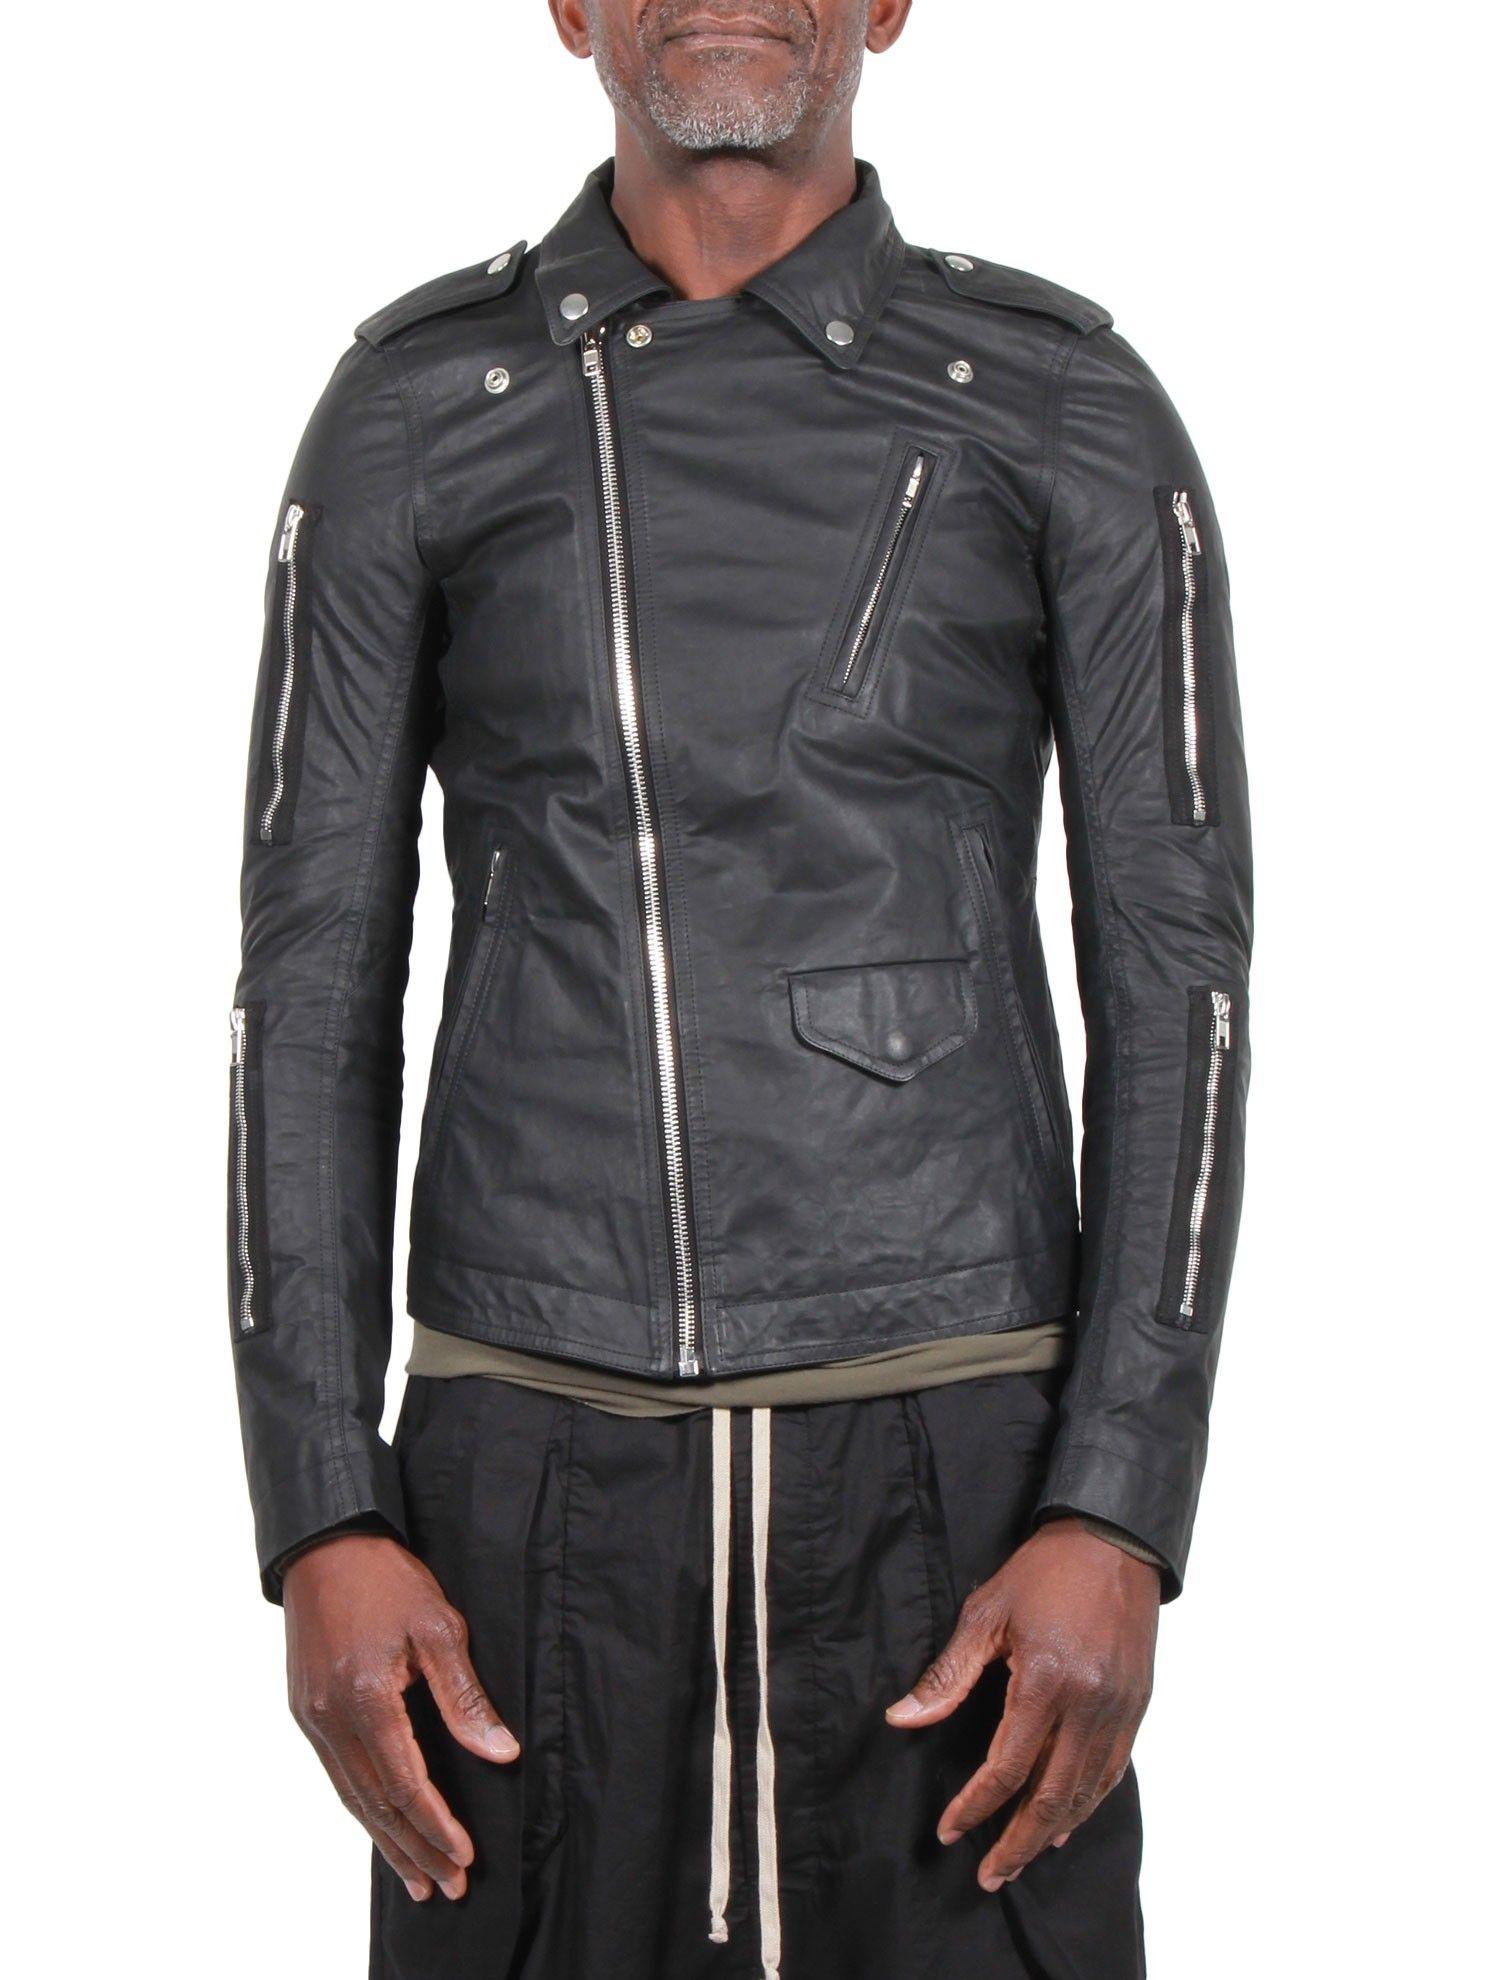 bfc4b8573a24e Blouson Homme RICK OWENS SS16 Cyclops - 'Zipped Stooges' - Cuir Noir -  serie